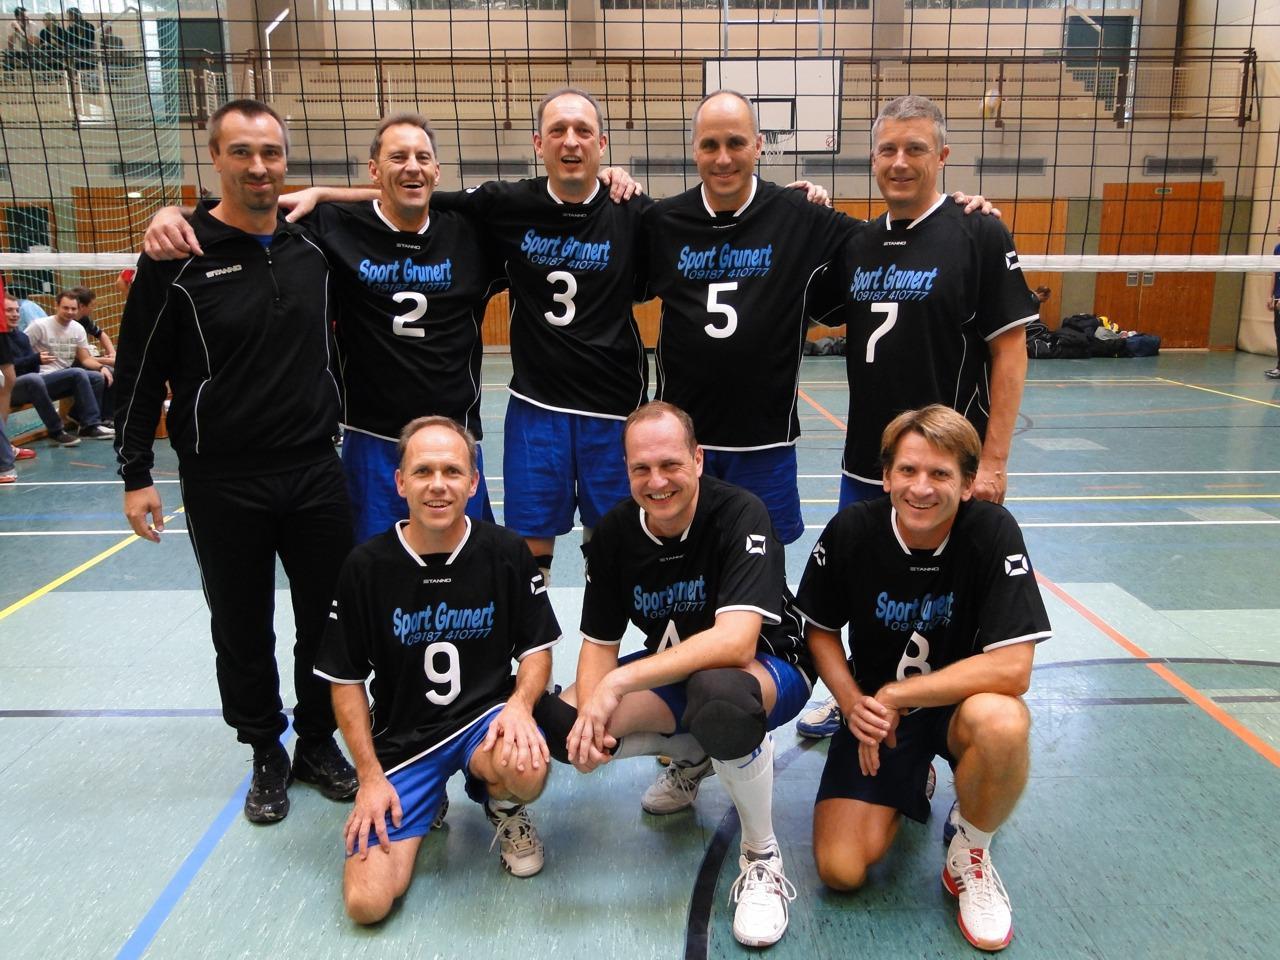 Sport Grunert